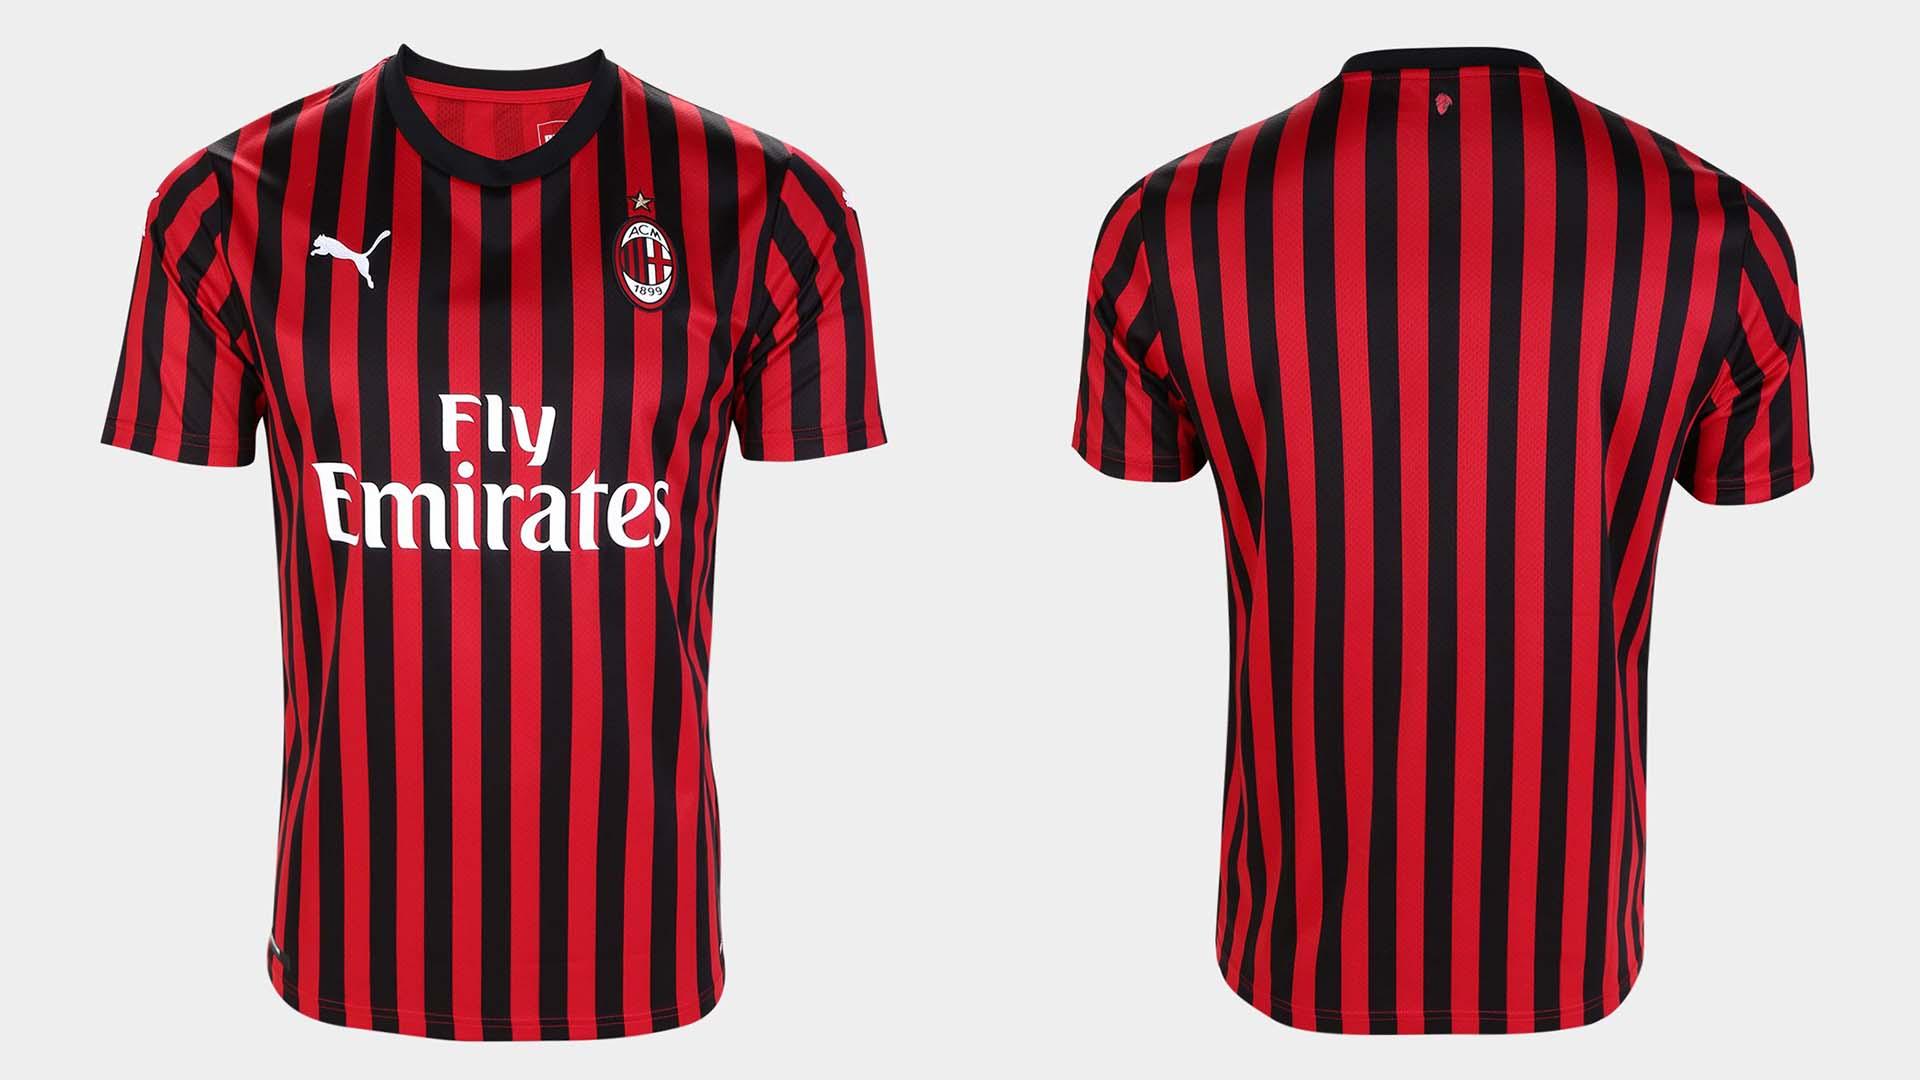 uniforme titular milan 2019 20